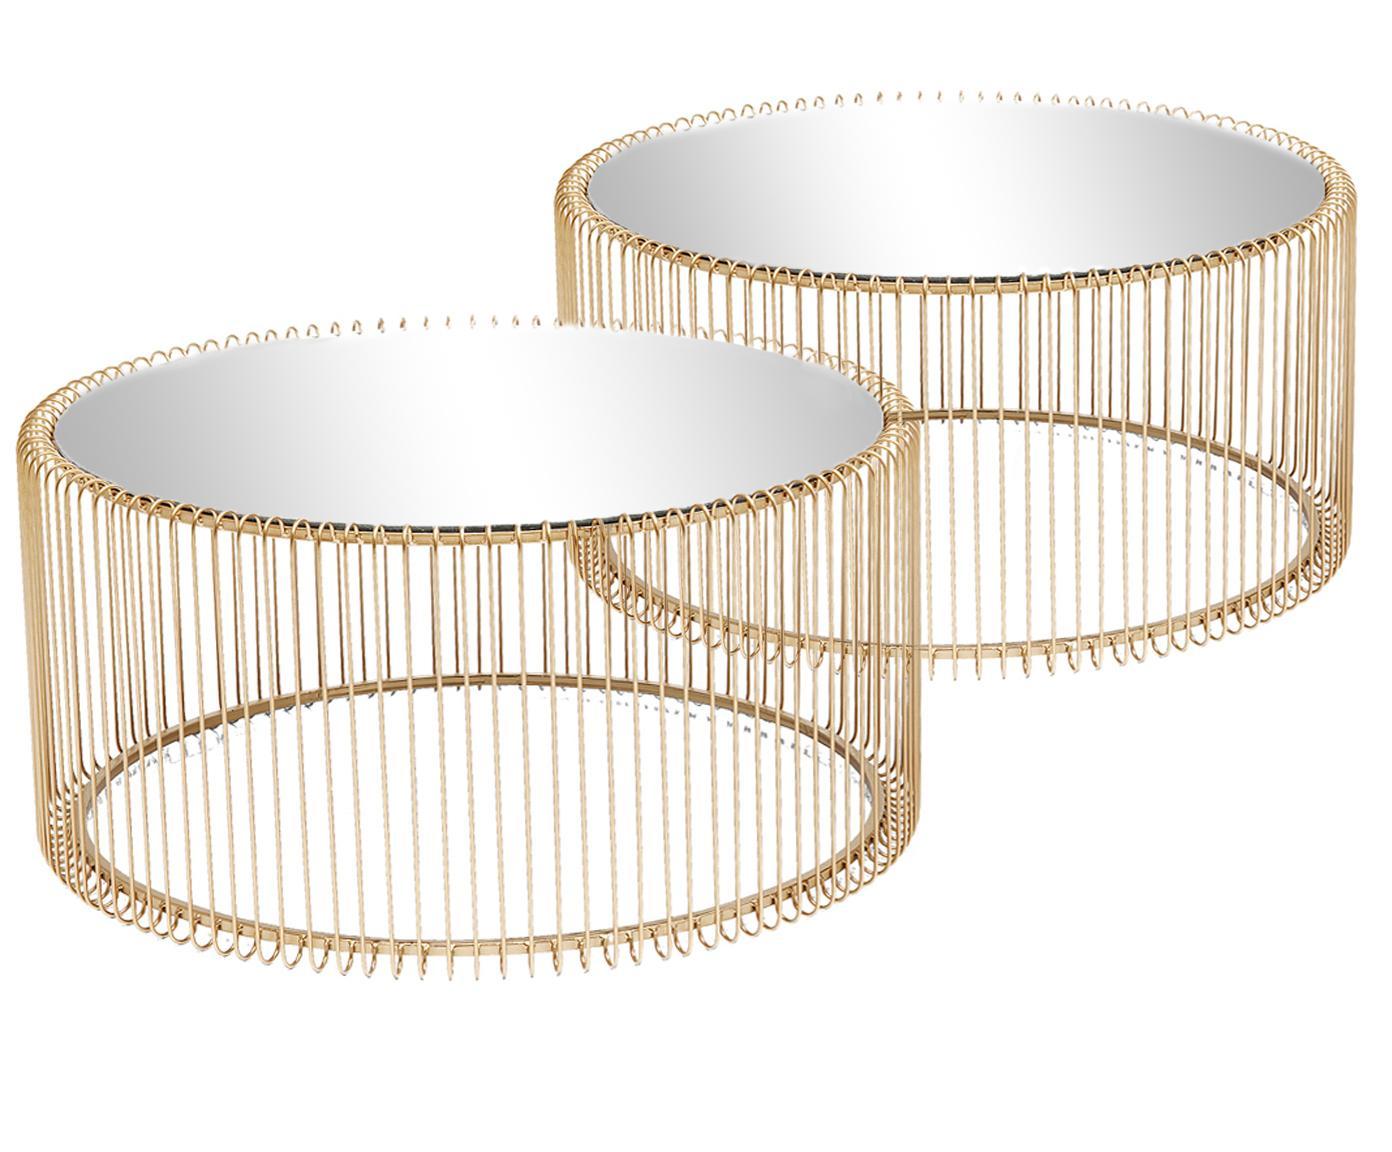 Metall-Couchtisch 2er-Set Wire mit Glasplatte, Gestell: Metall, pulverbeschichtet, Tischplatte: Sicherheitsglas, foliert, Gold, Verschiedene Grössen